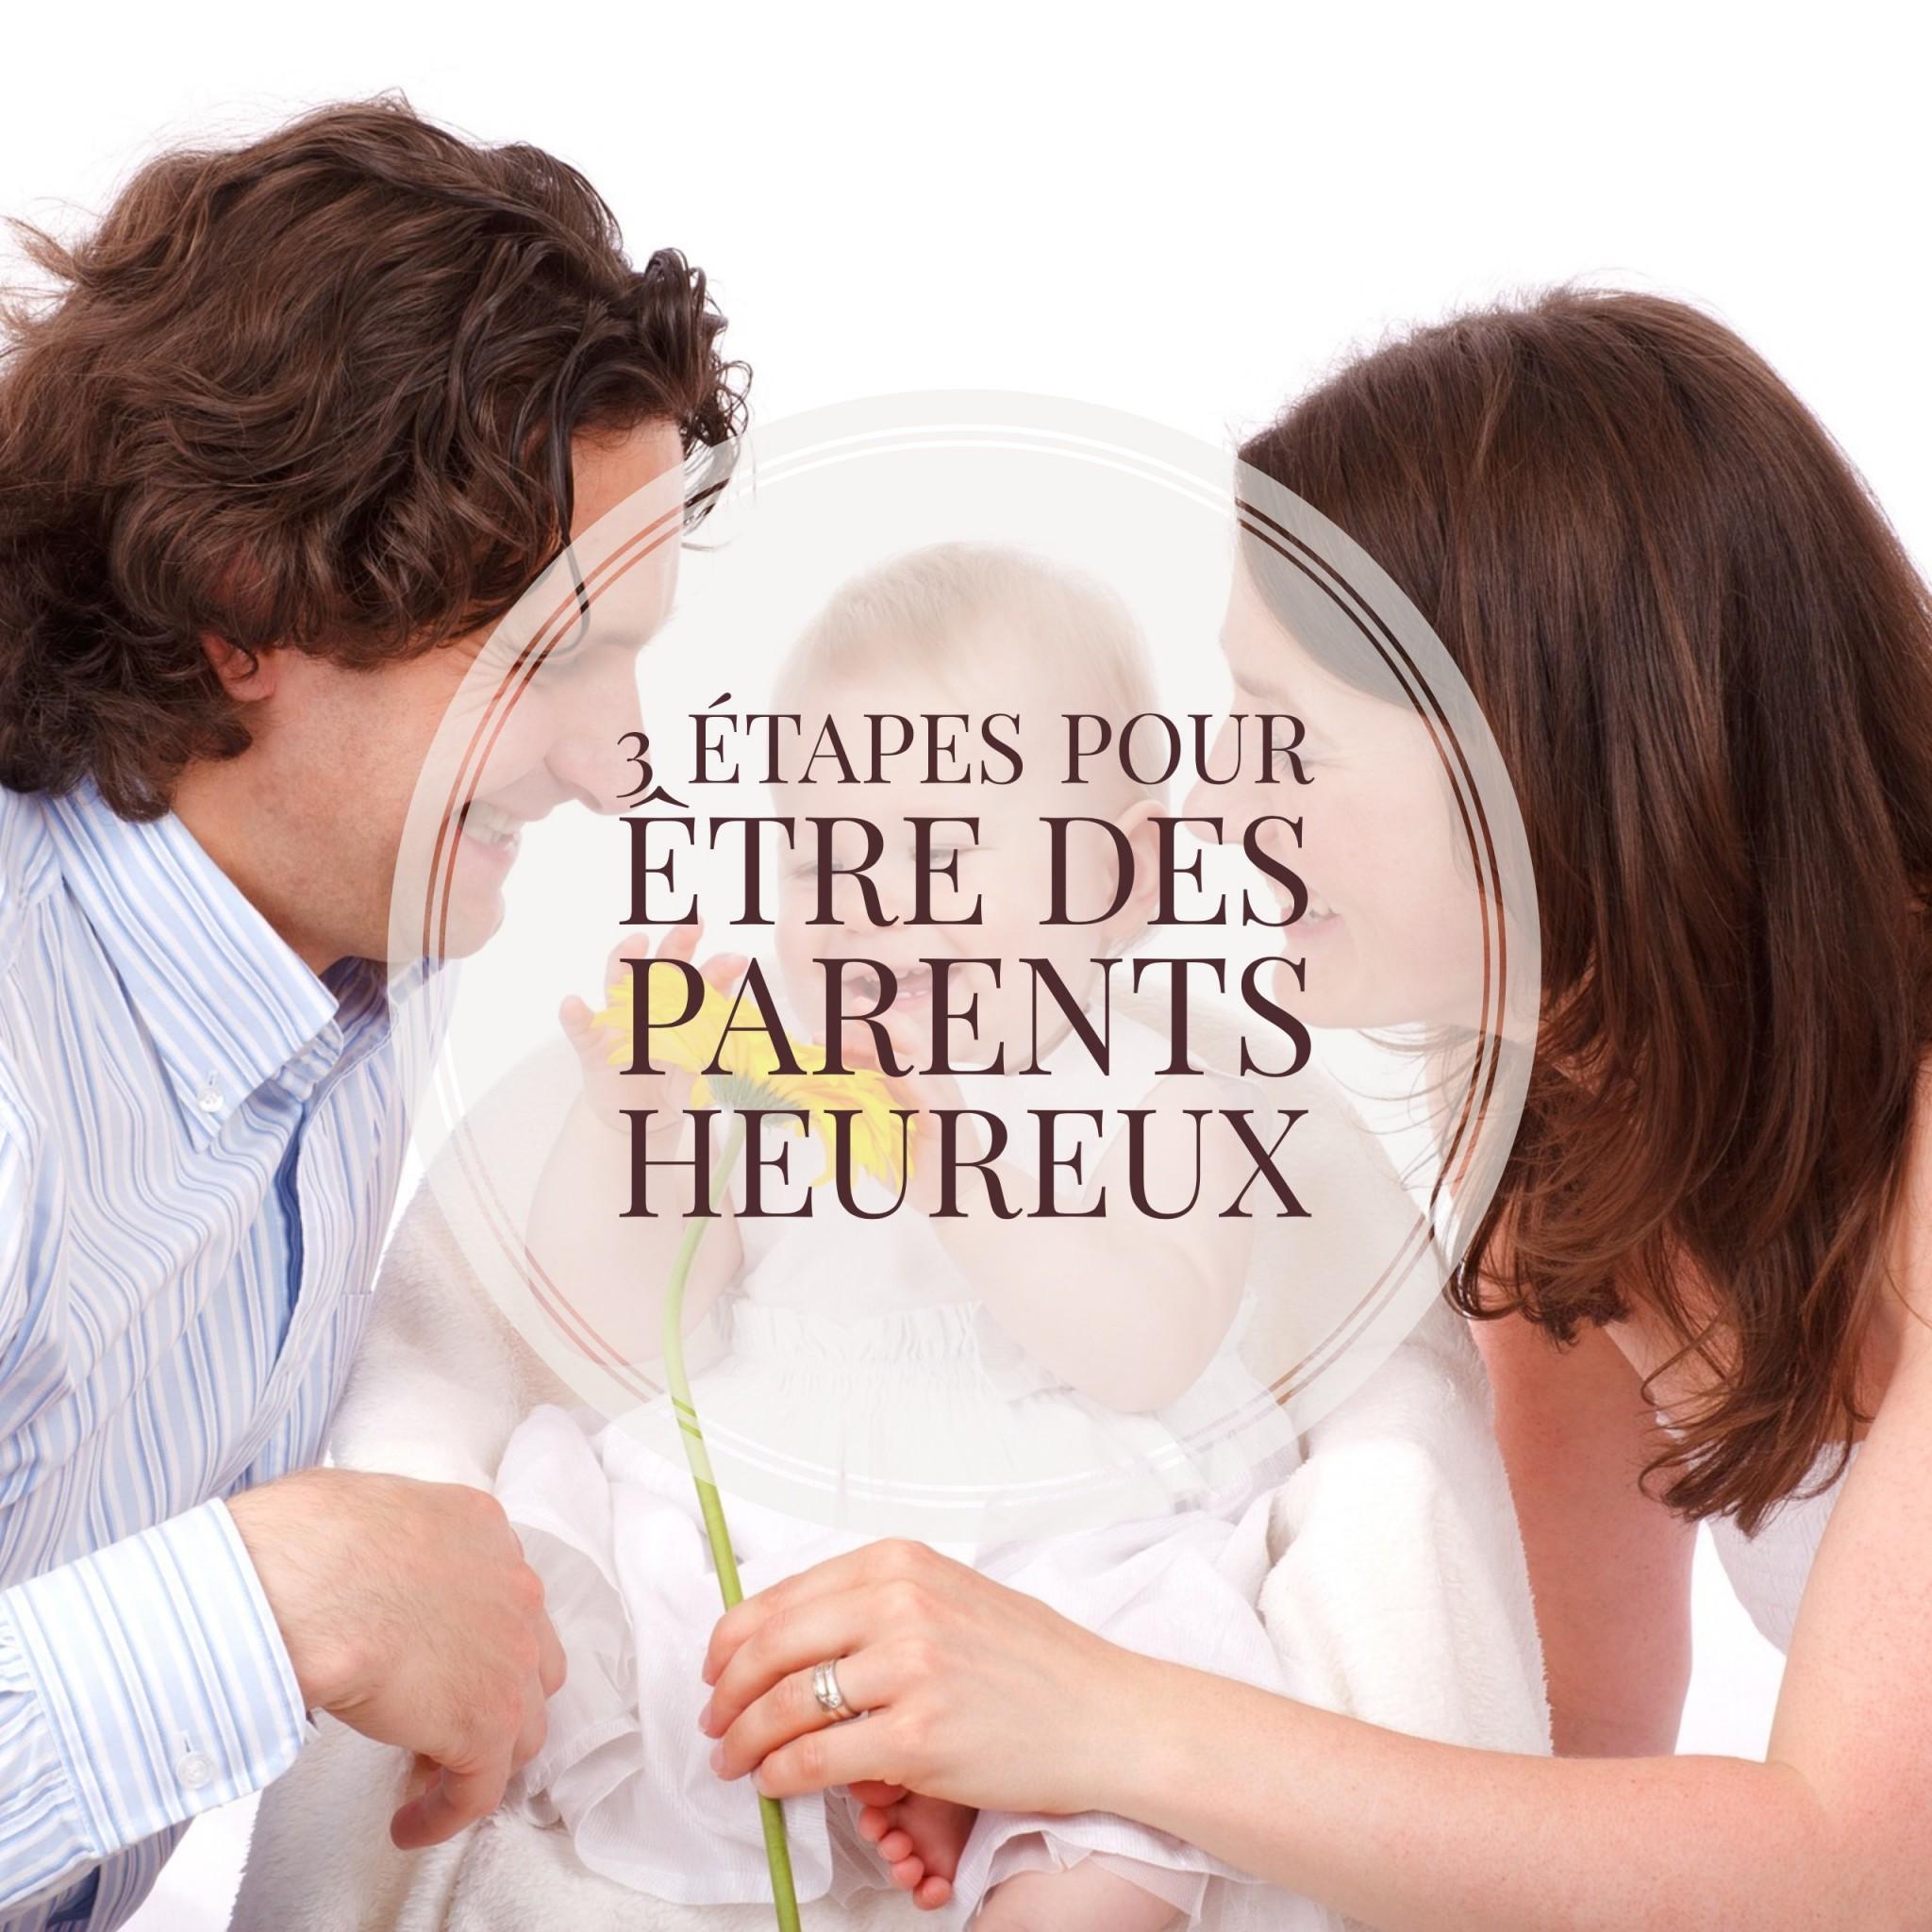 3 étapes pour être des parents heureux